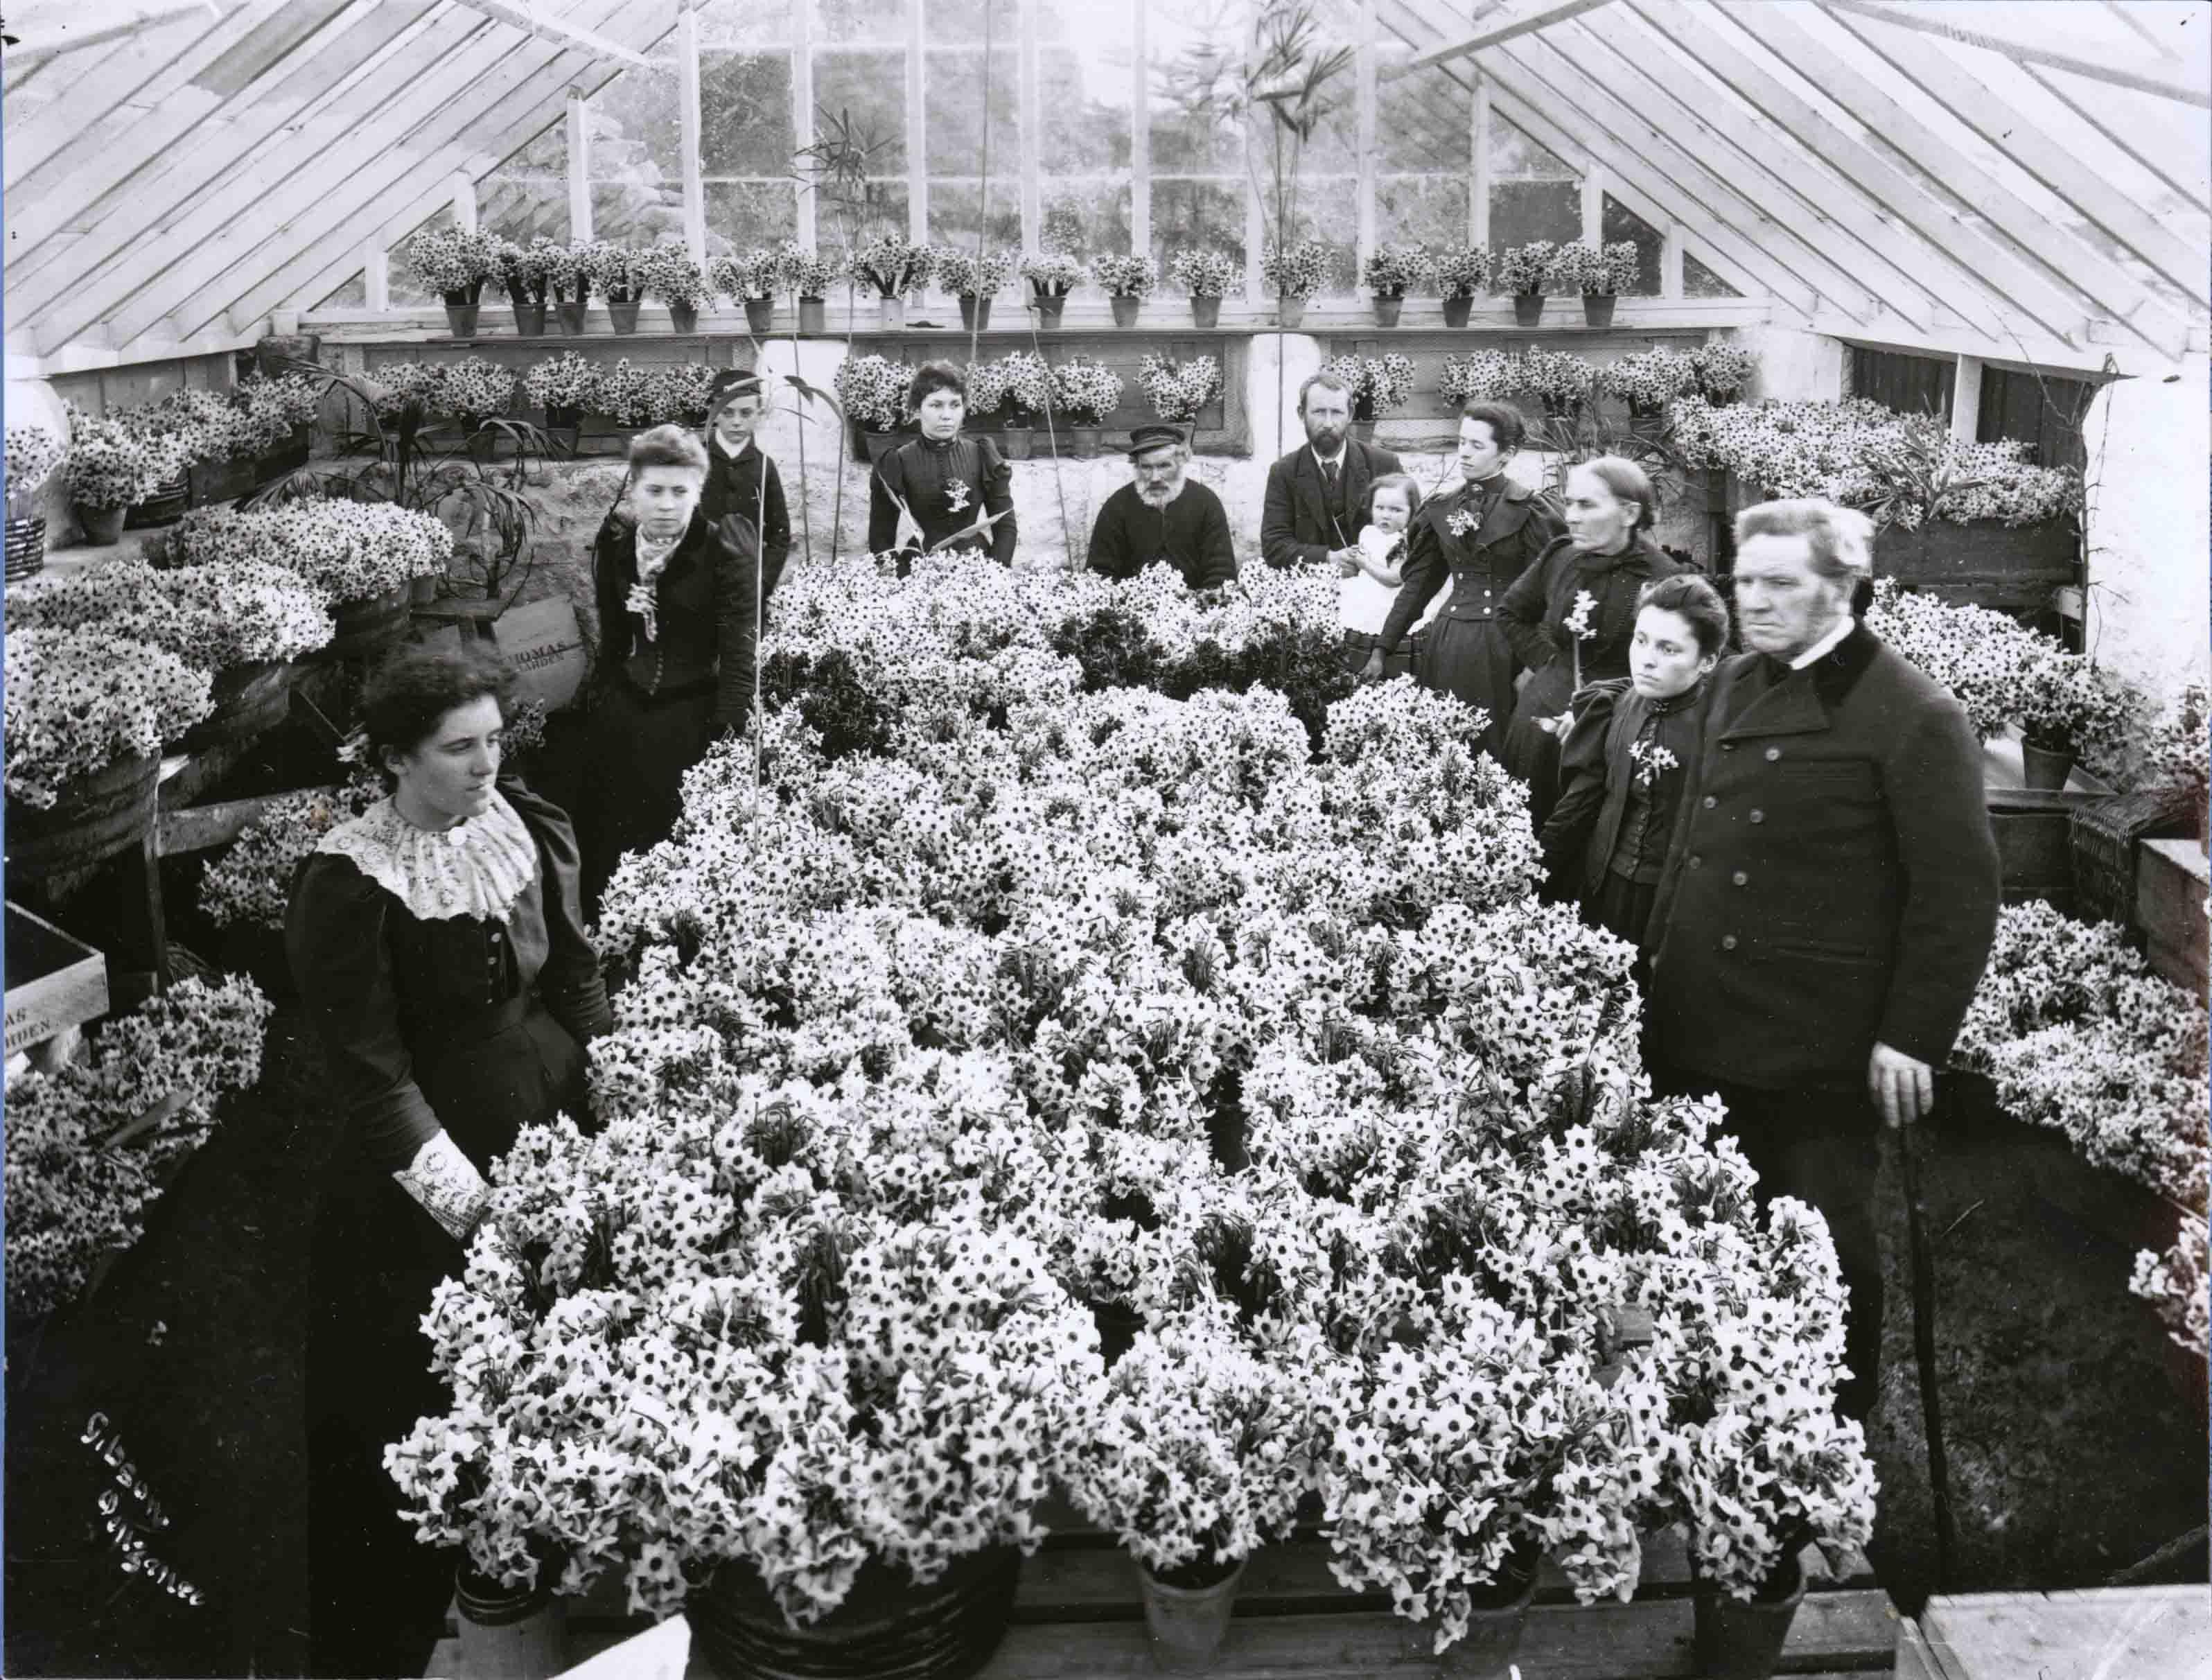 Flower industry 5